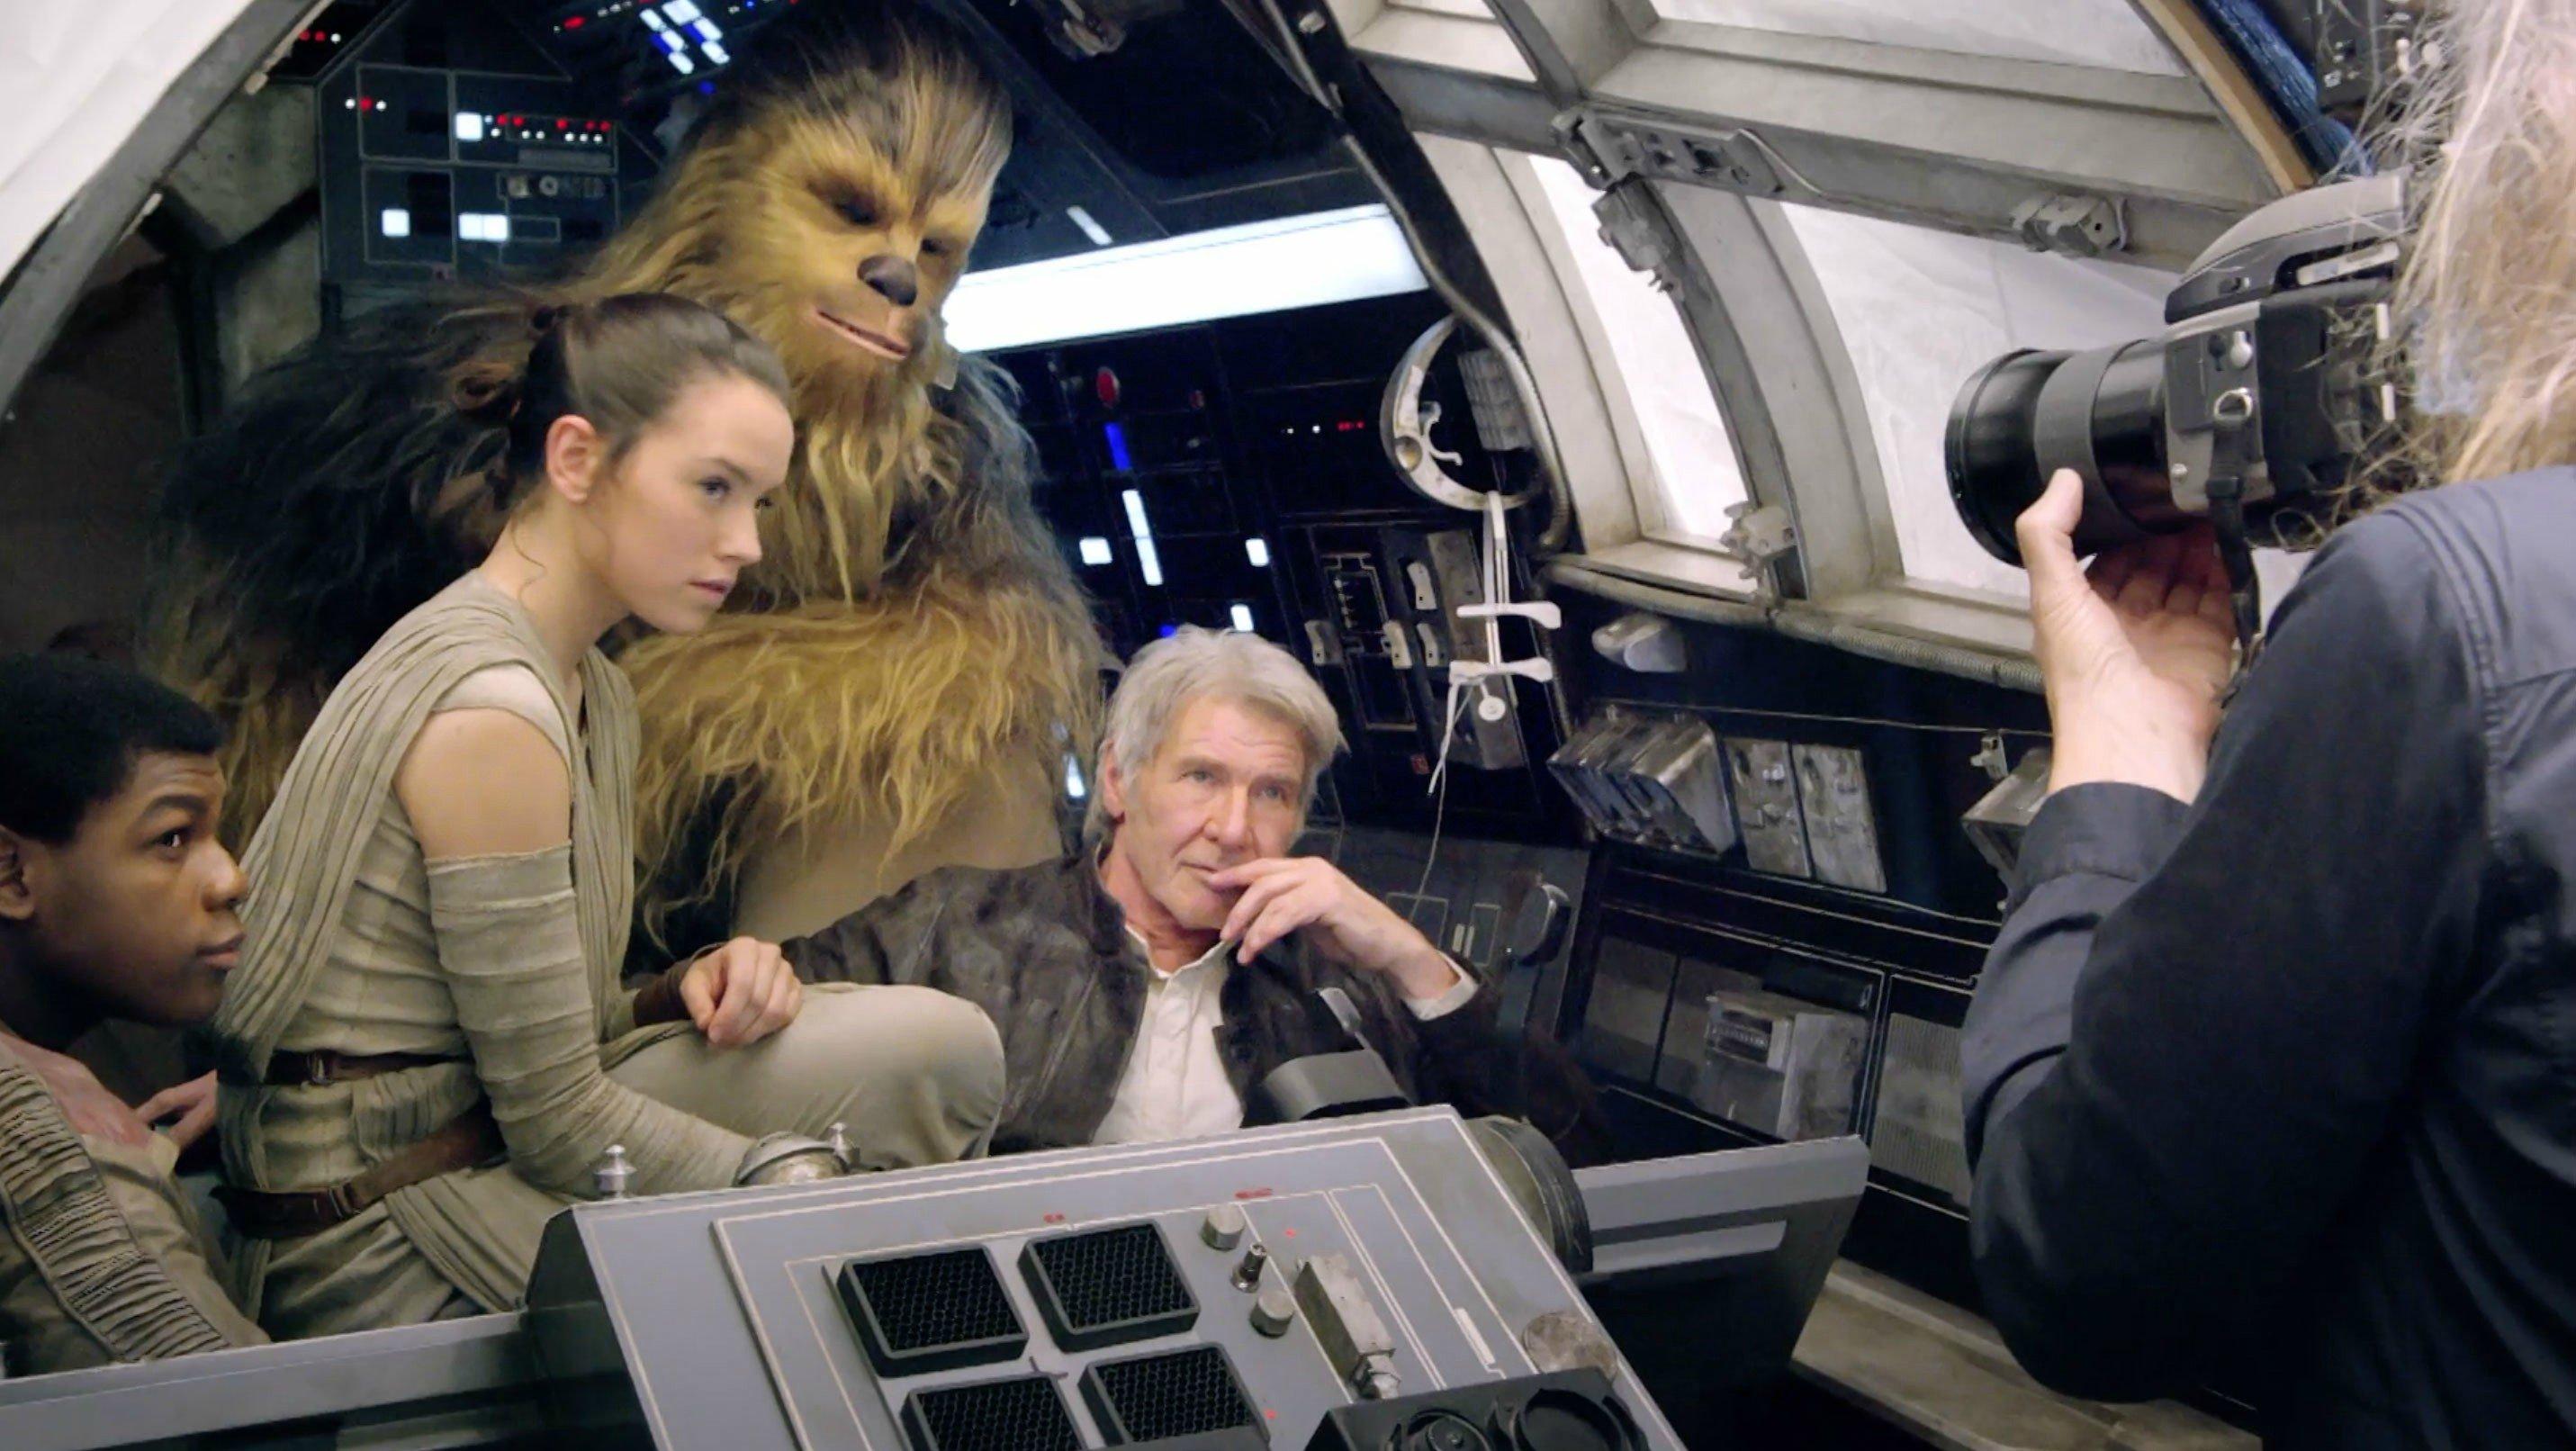 """Это было звездато. Рецензия на """"Звёздные войны: Пробуждение силы"""". - Изображение 4"""